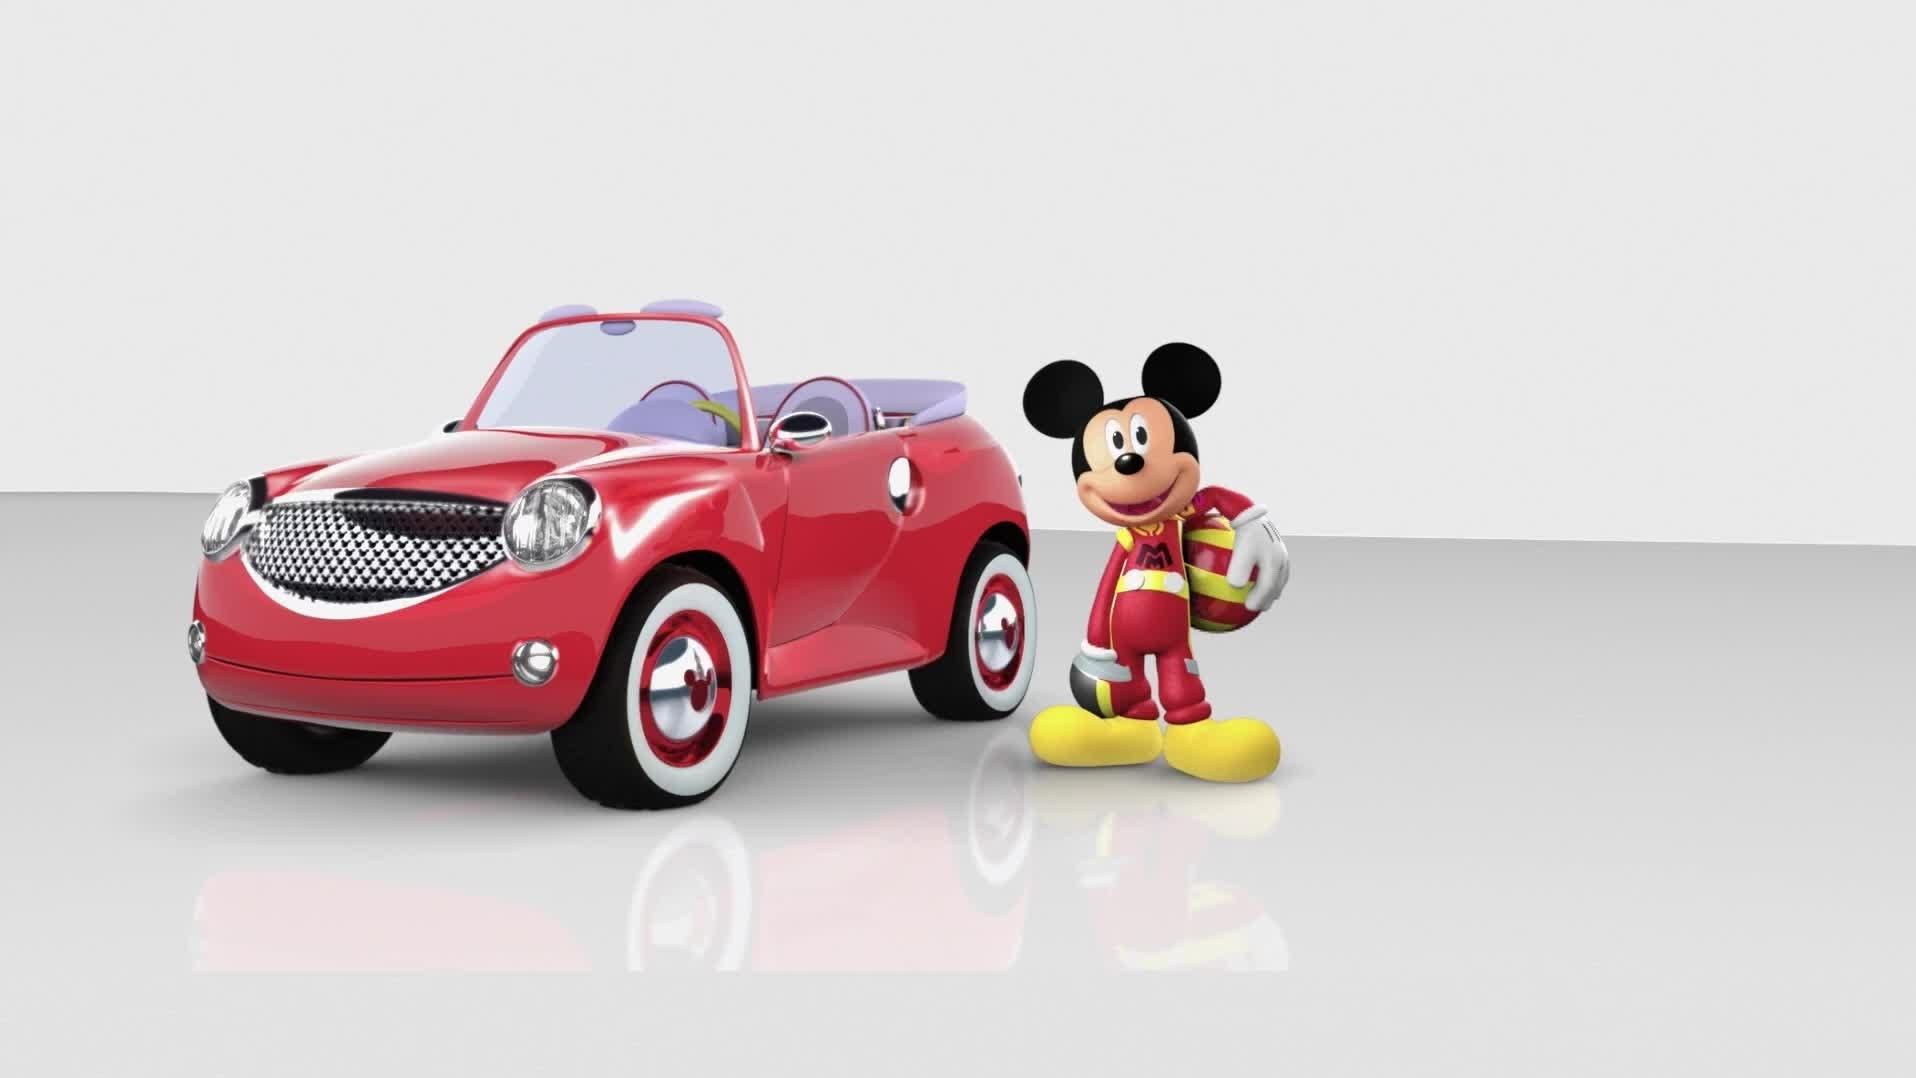 Mickey Aventuras sobre Rodas - Primeiras Imagens